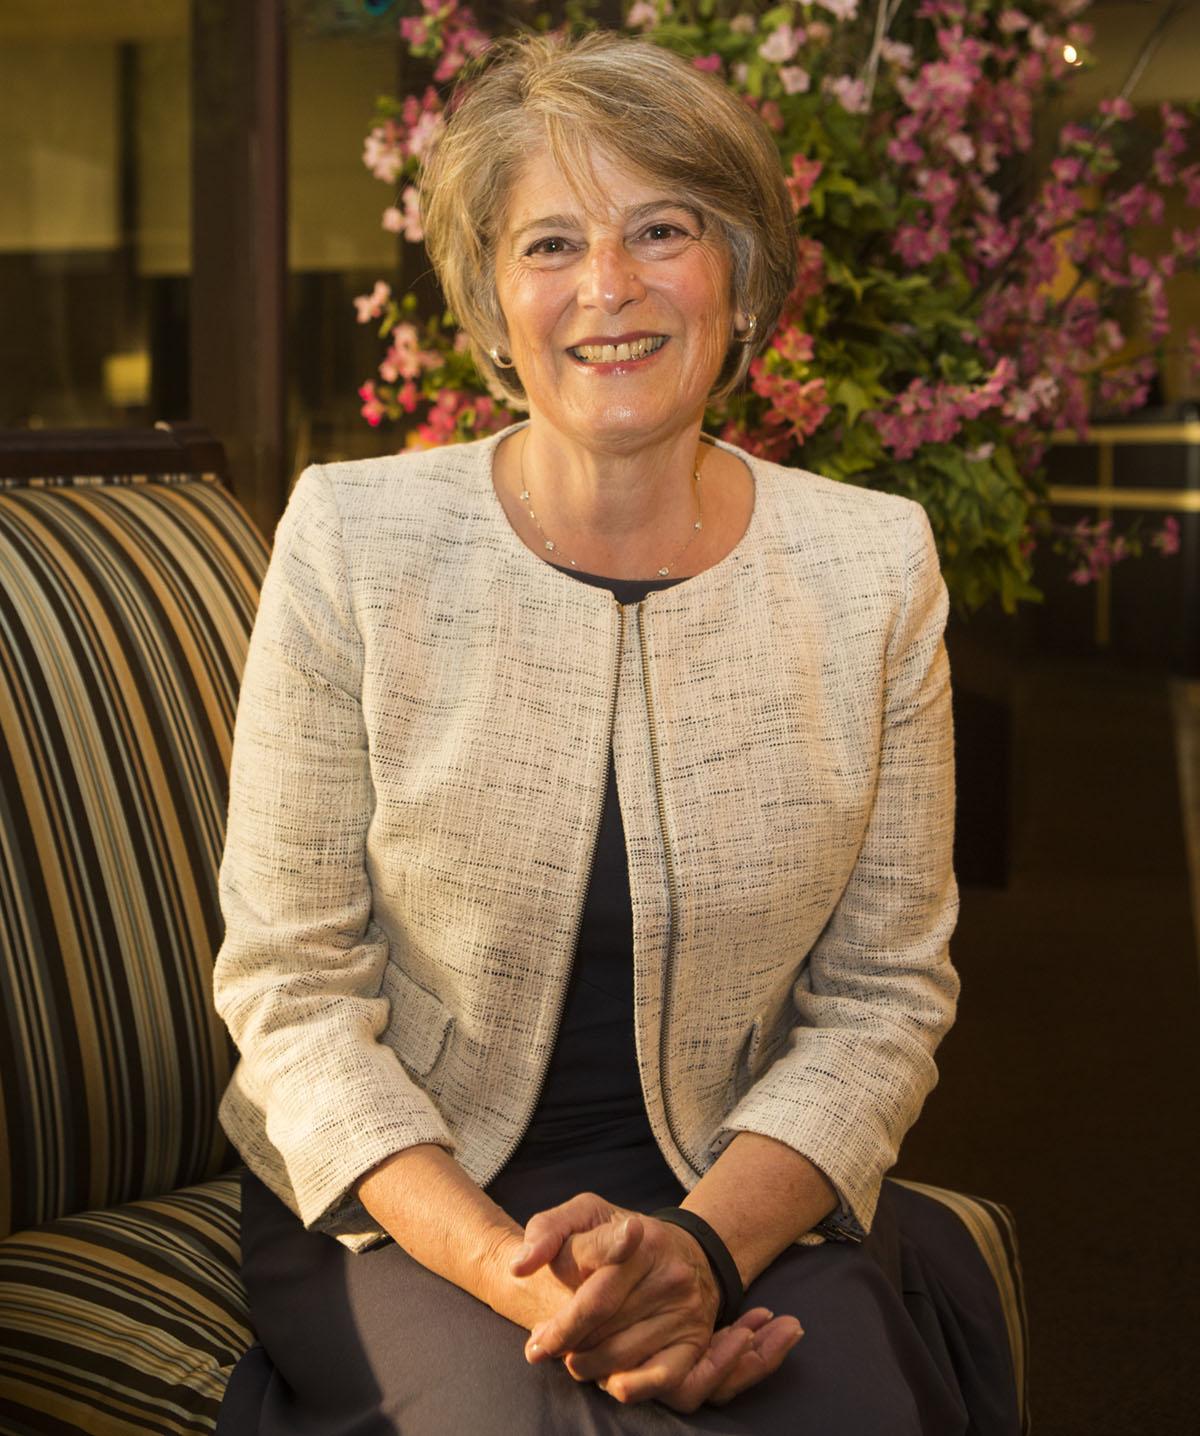 Geraldine MacDonald